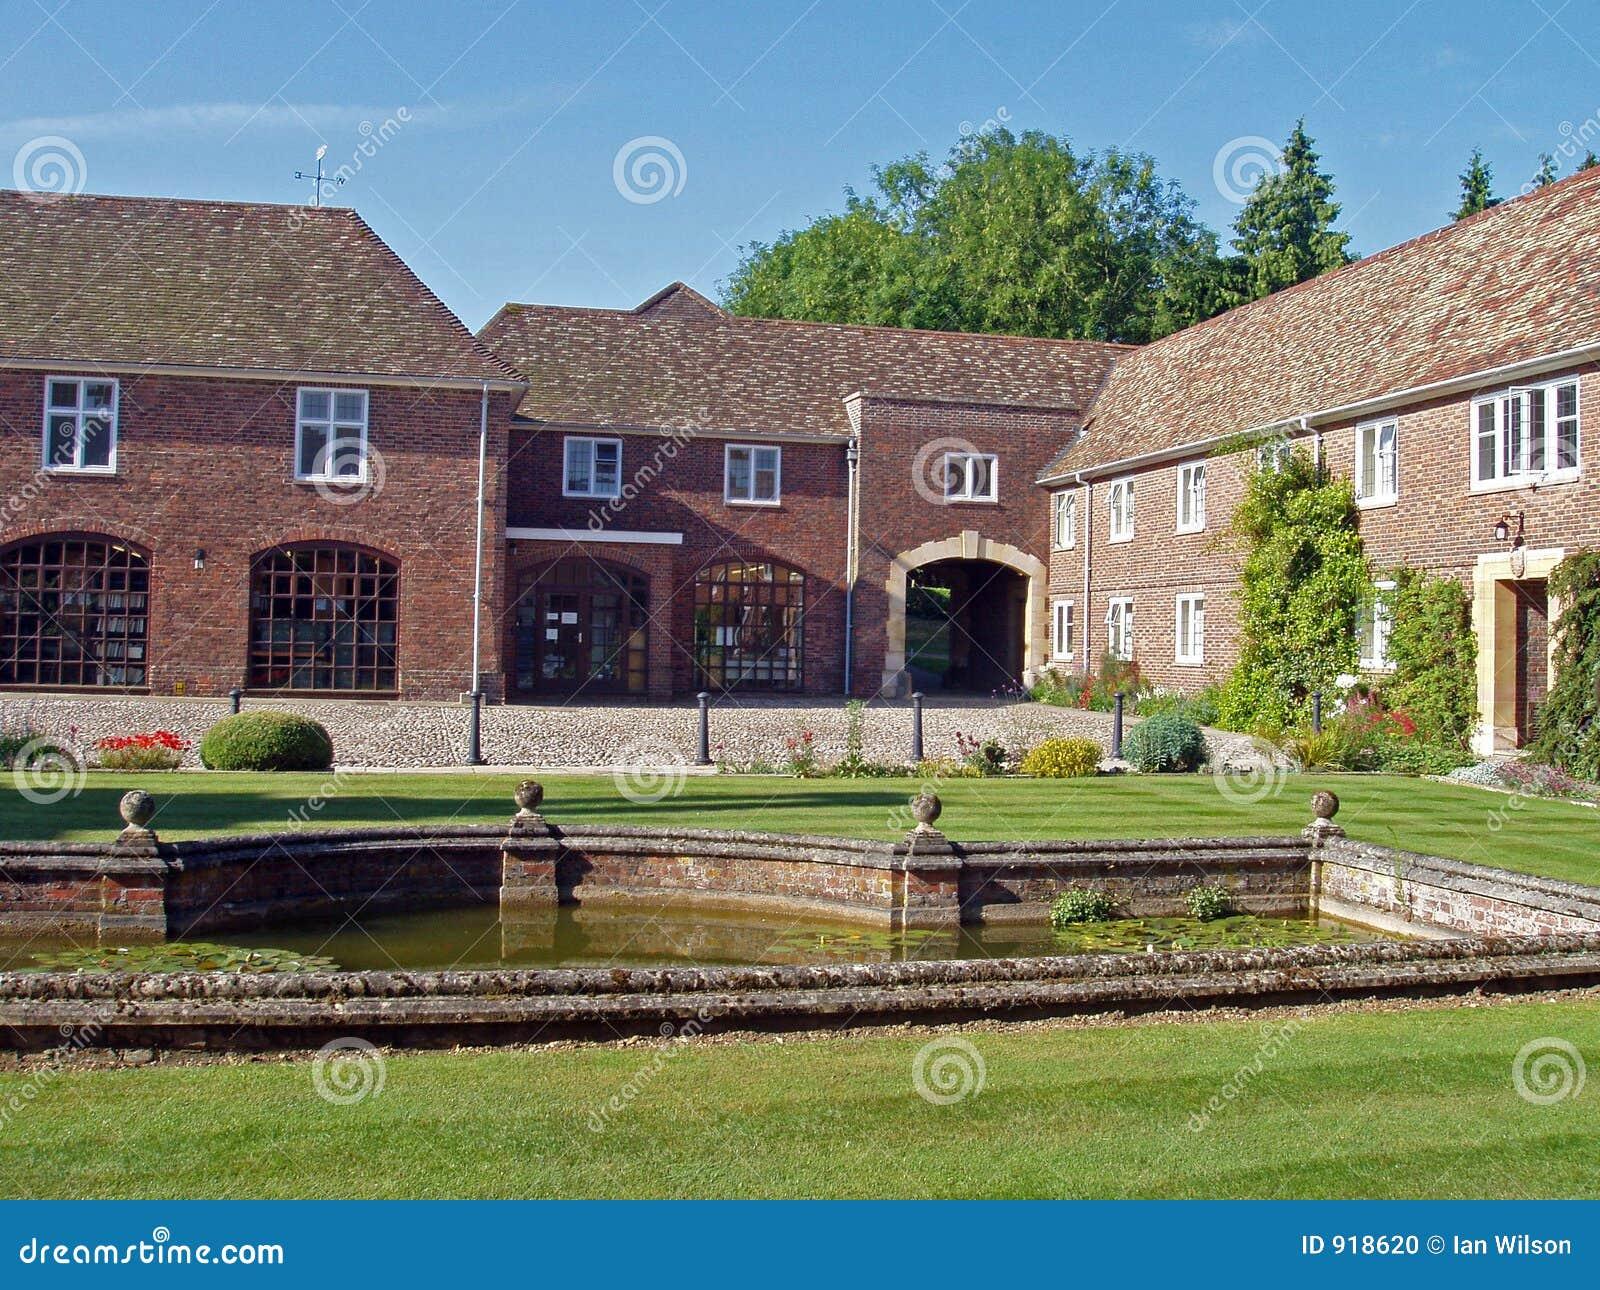 Il cortile di una casa di campagna inglese tipica.